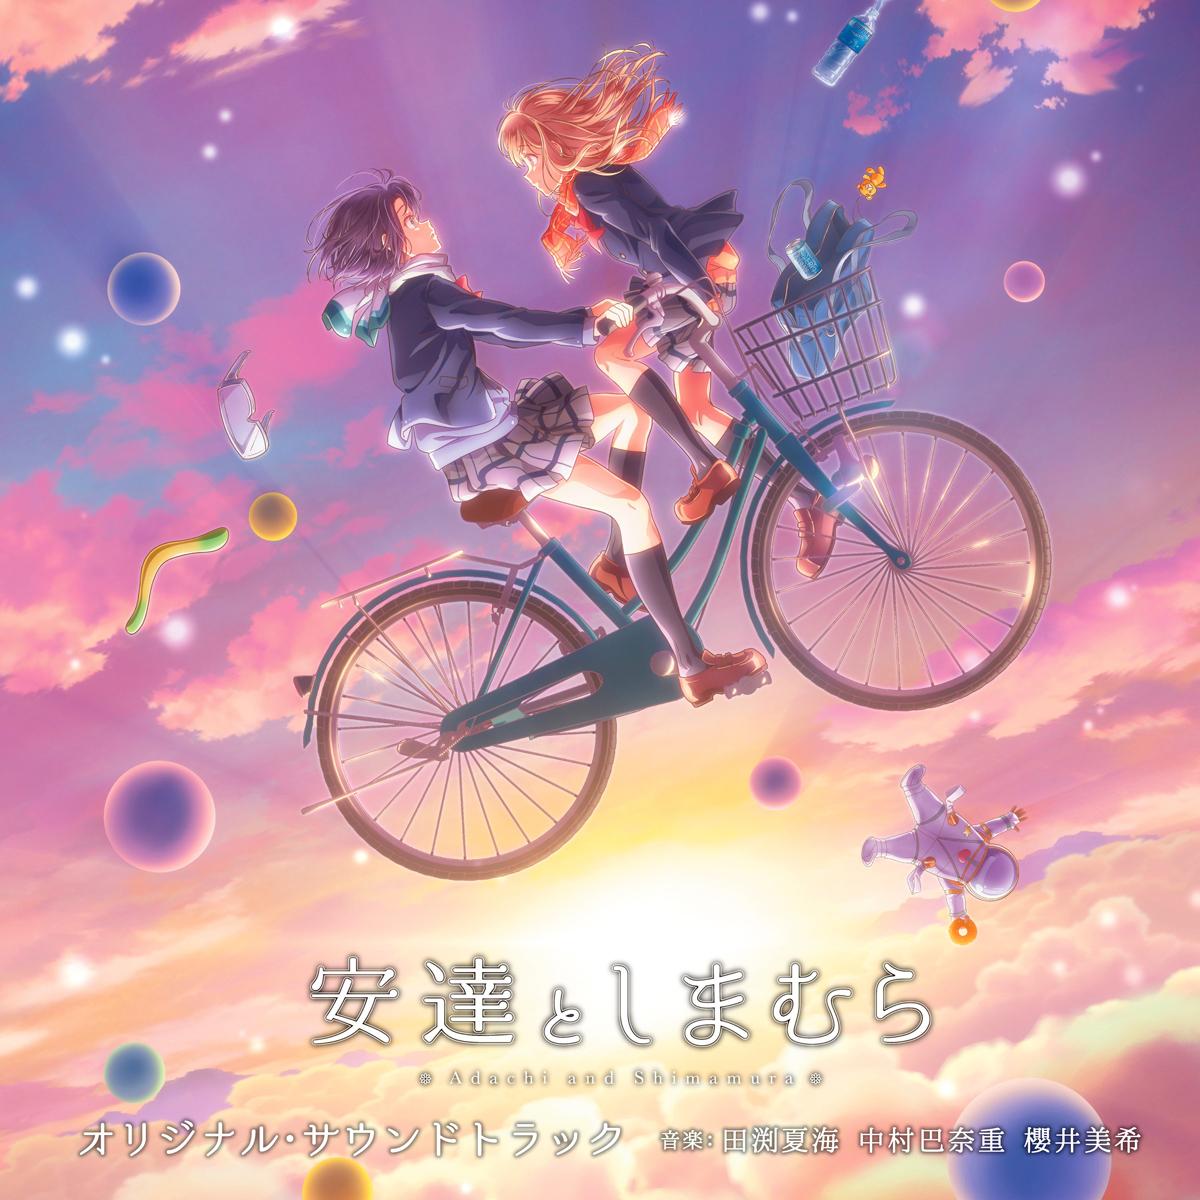 TVアニメ「安達としまむら」オリジナル・サウンドトラック (C)2019 入間人間/KADOKAWA/安達としまむら製作委員会